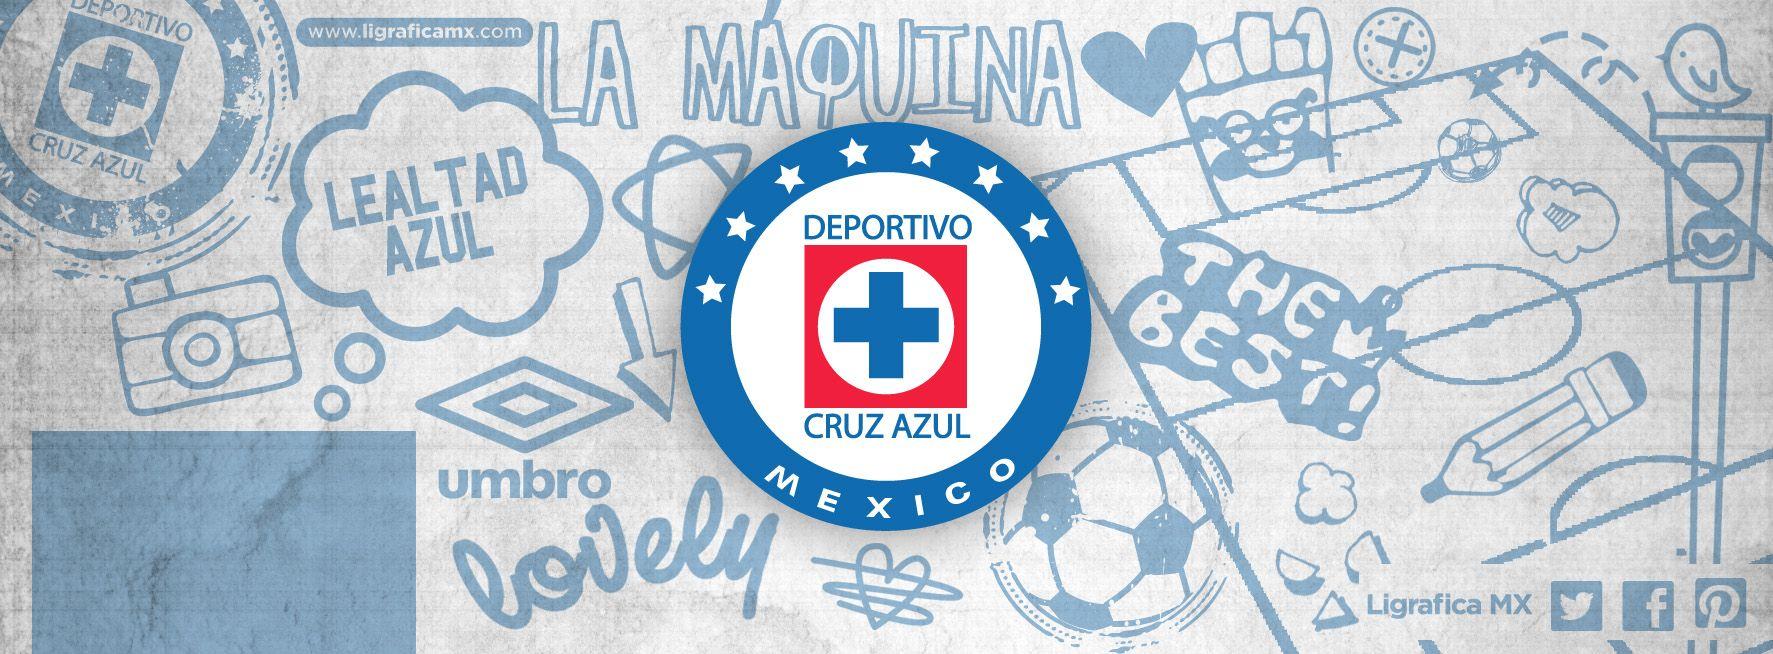 Cruz Azul • Facebook Cover • 140114CTG(1) LigraficaMX (con